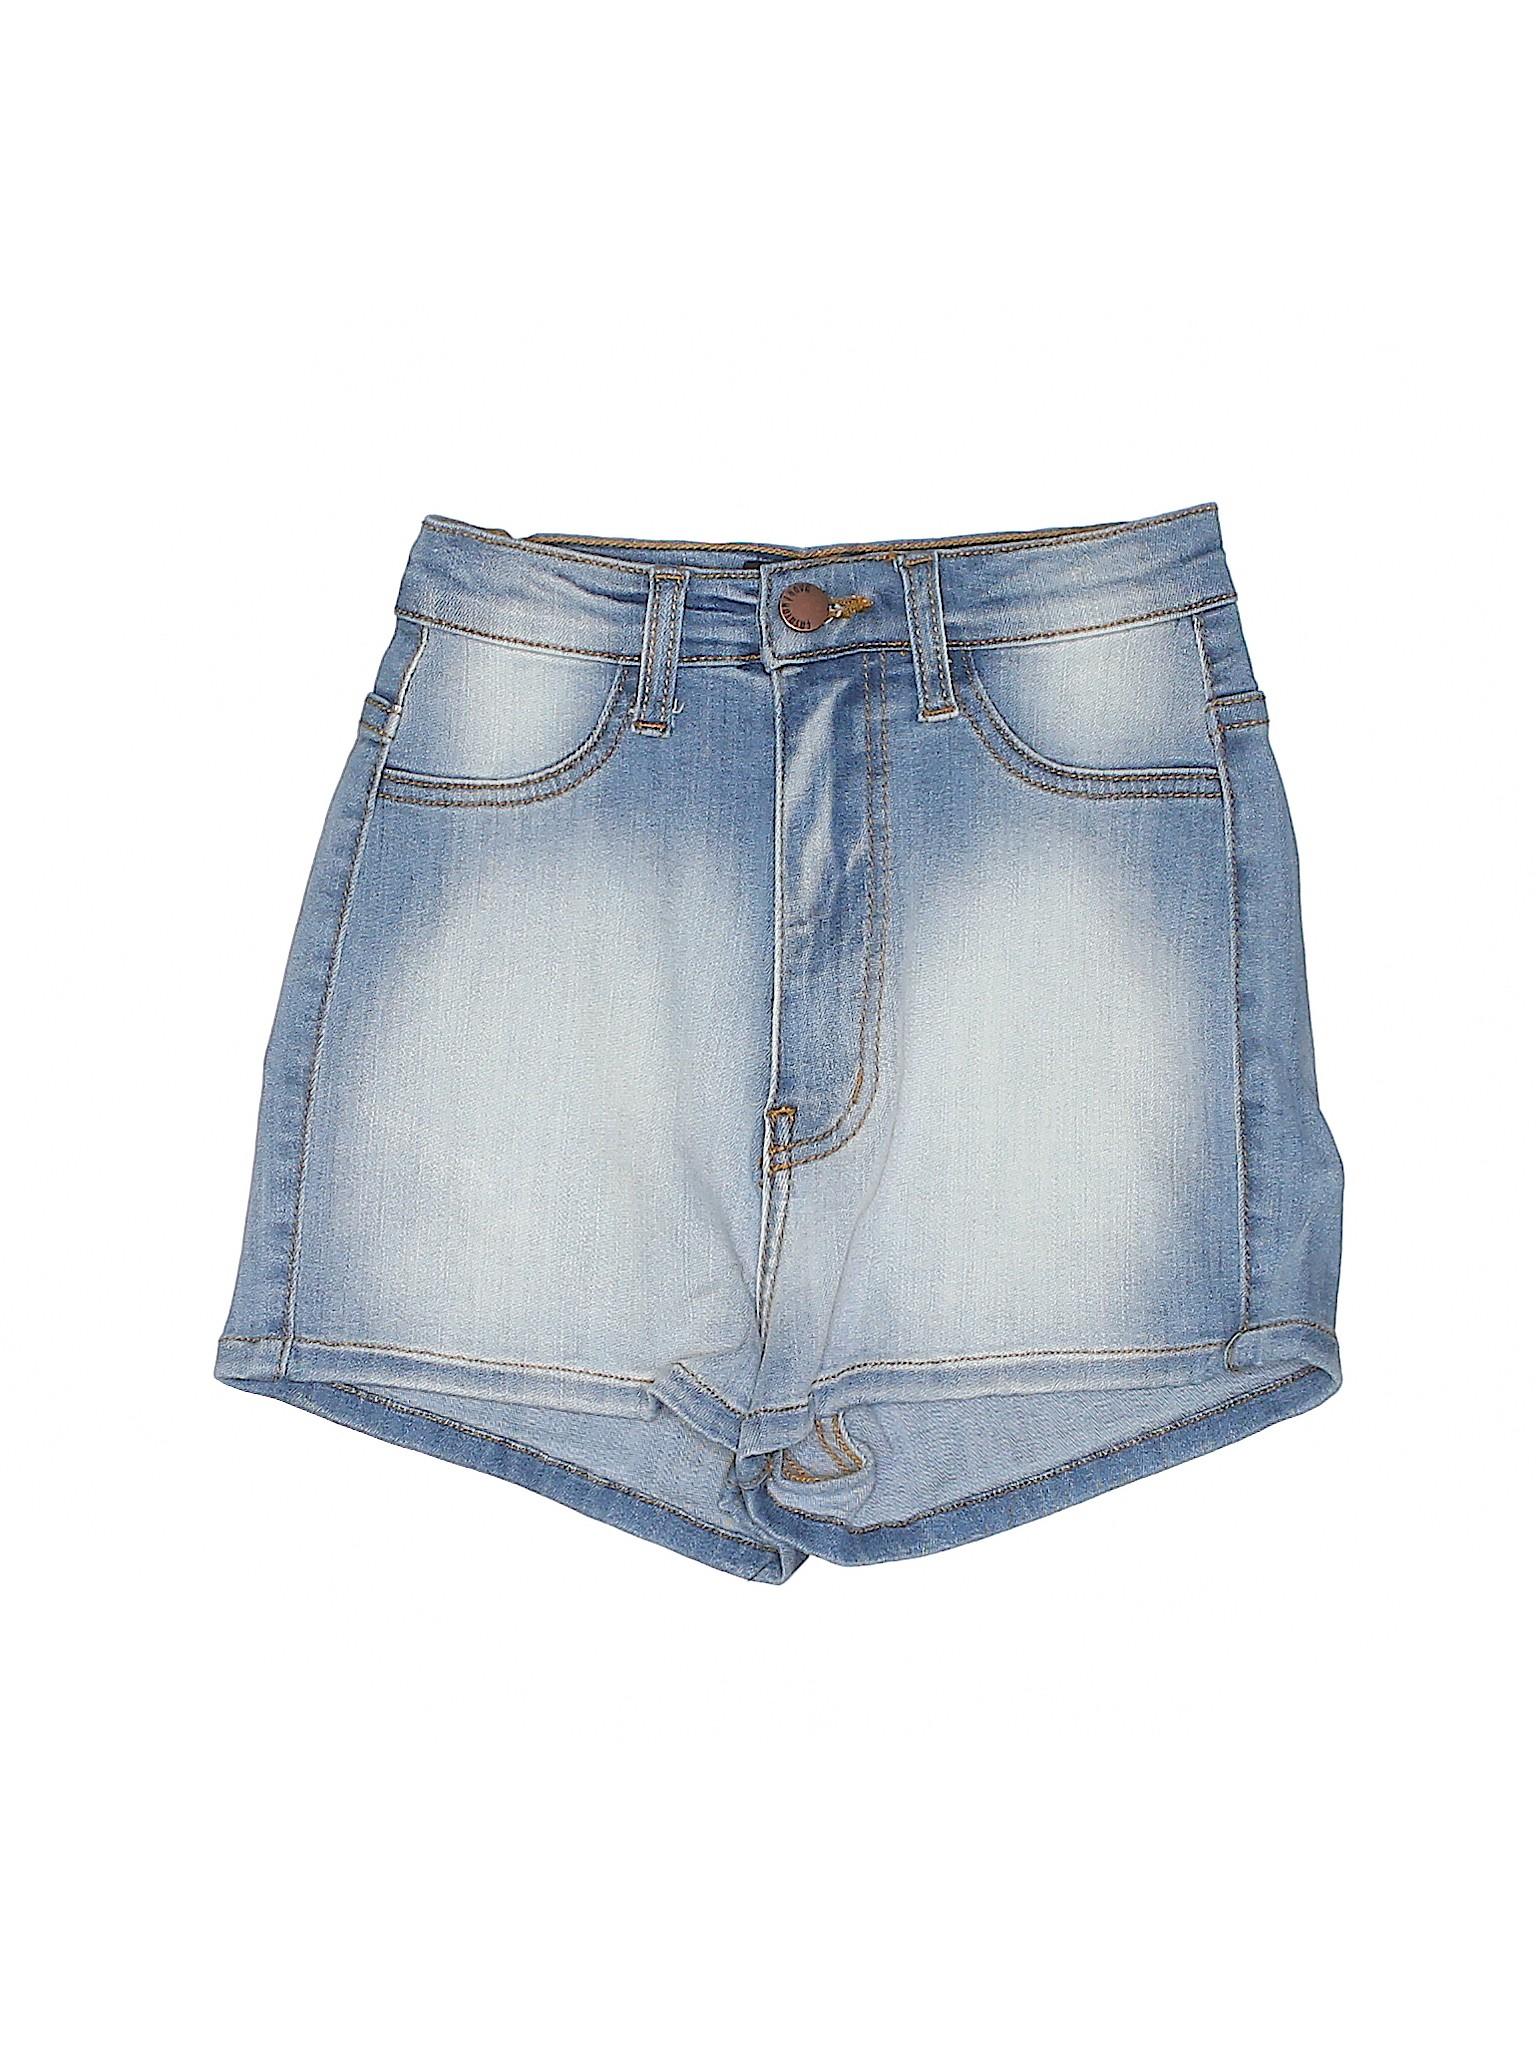 leisure Denim Fashion Boutique Nova Shorts d6qZaFPw